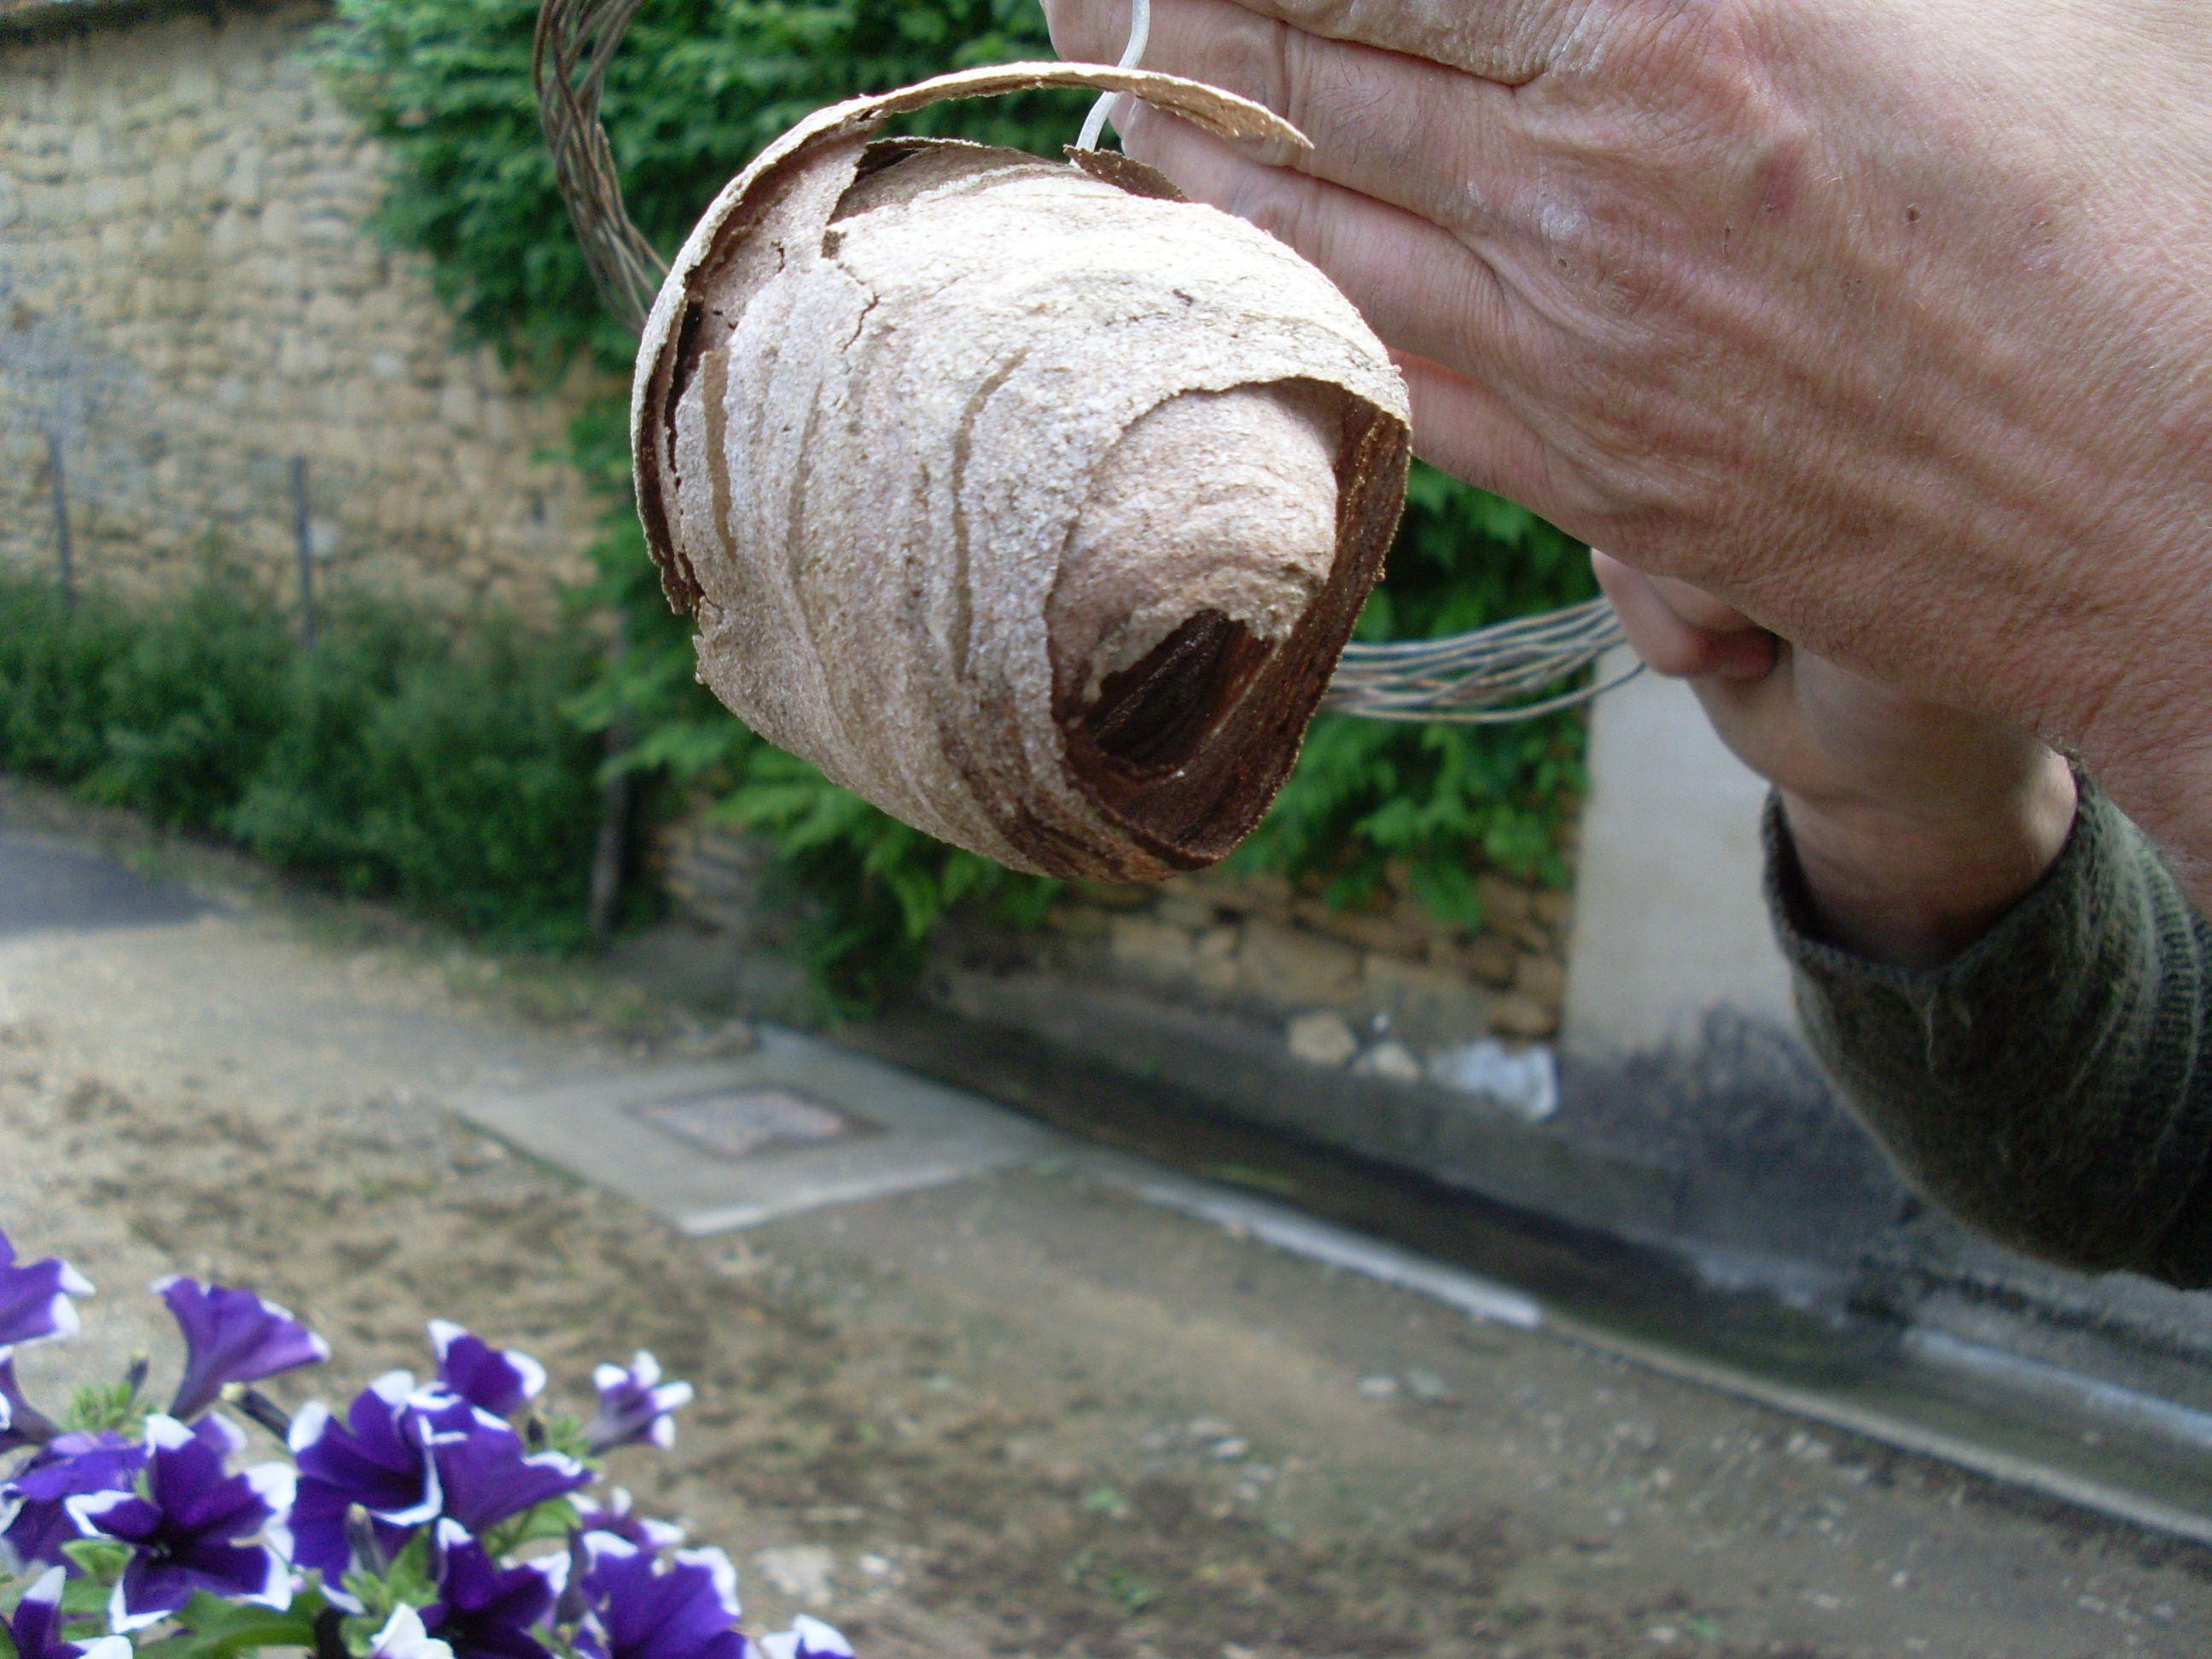 la reine frelon asiatique habite dans ce cocon. Le frelon asiatique est un vrai prédateur, il tue tout.